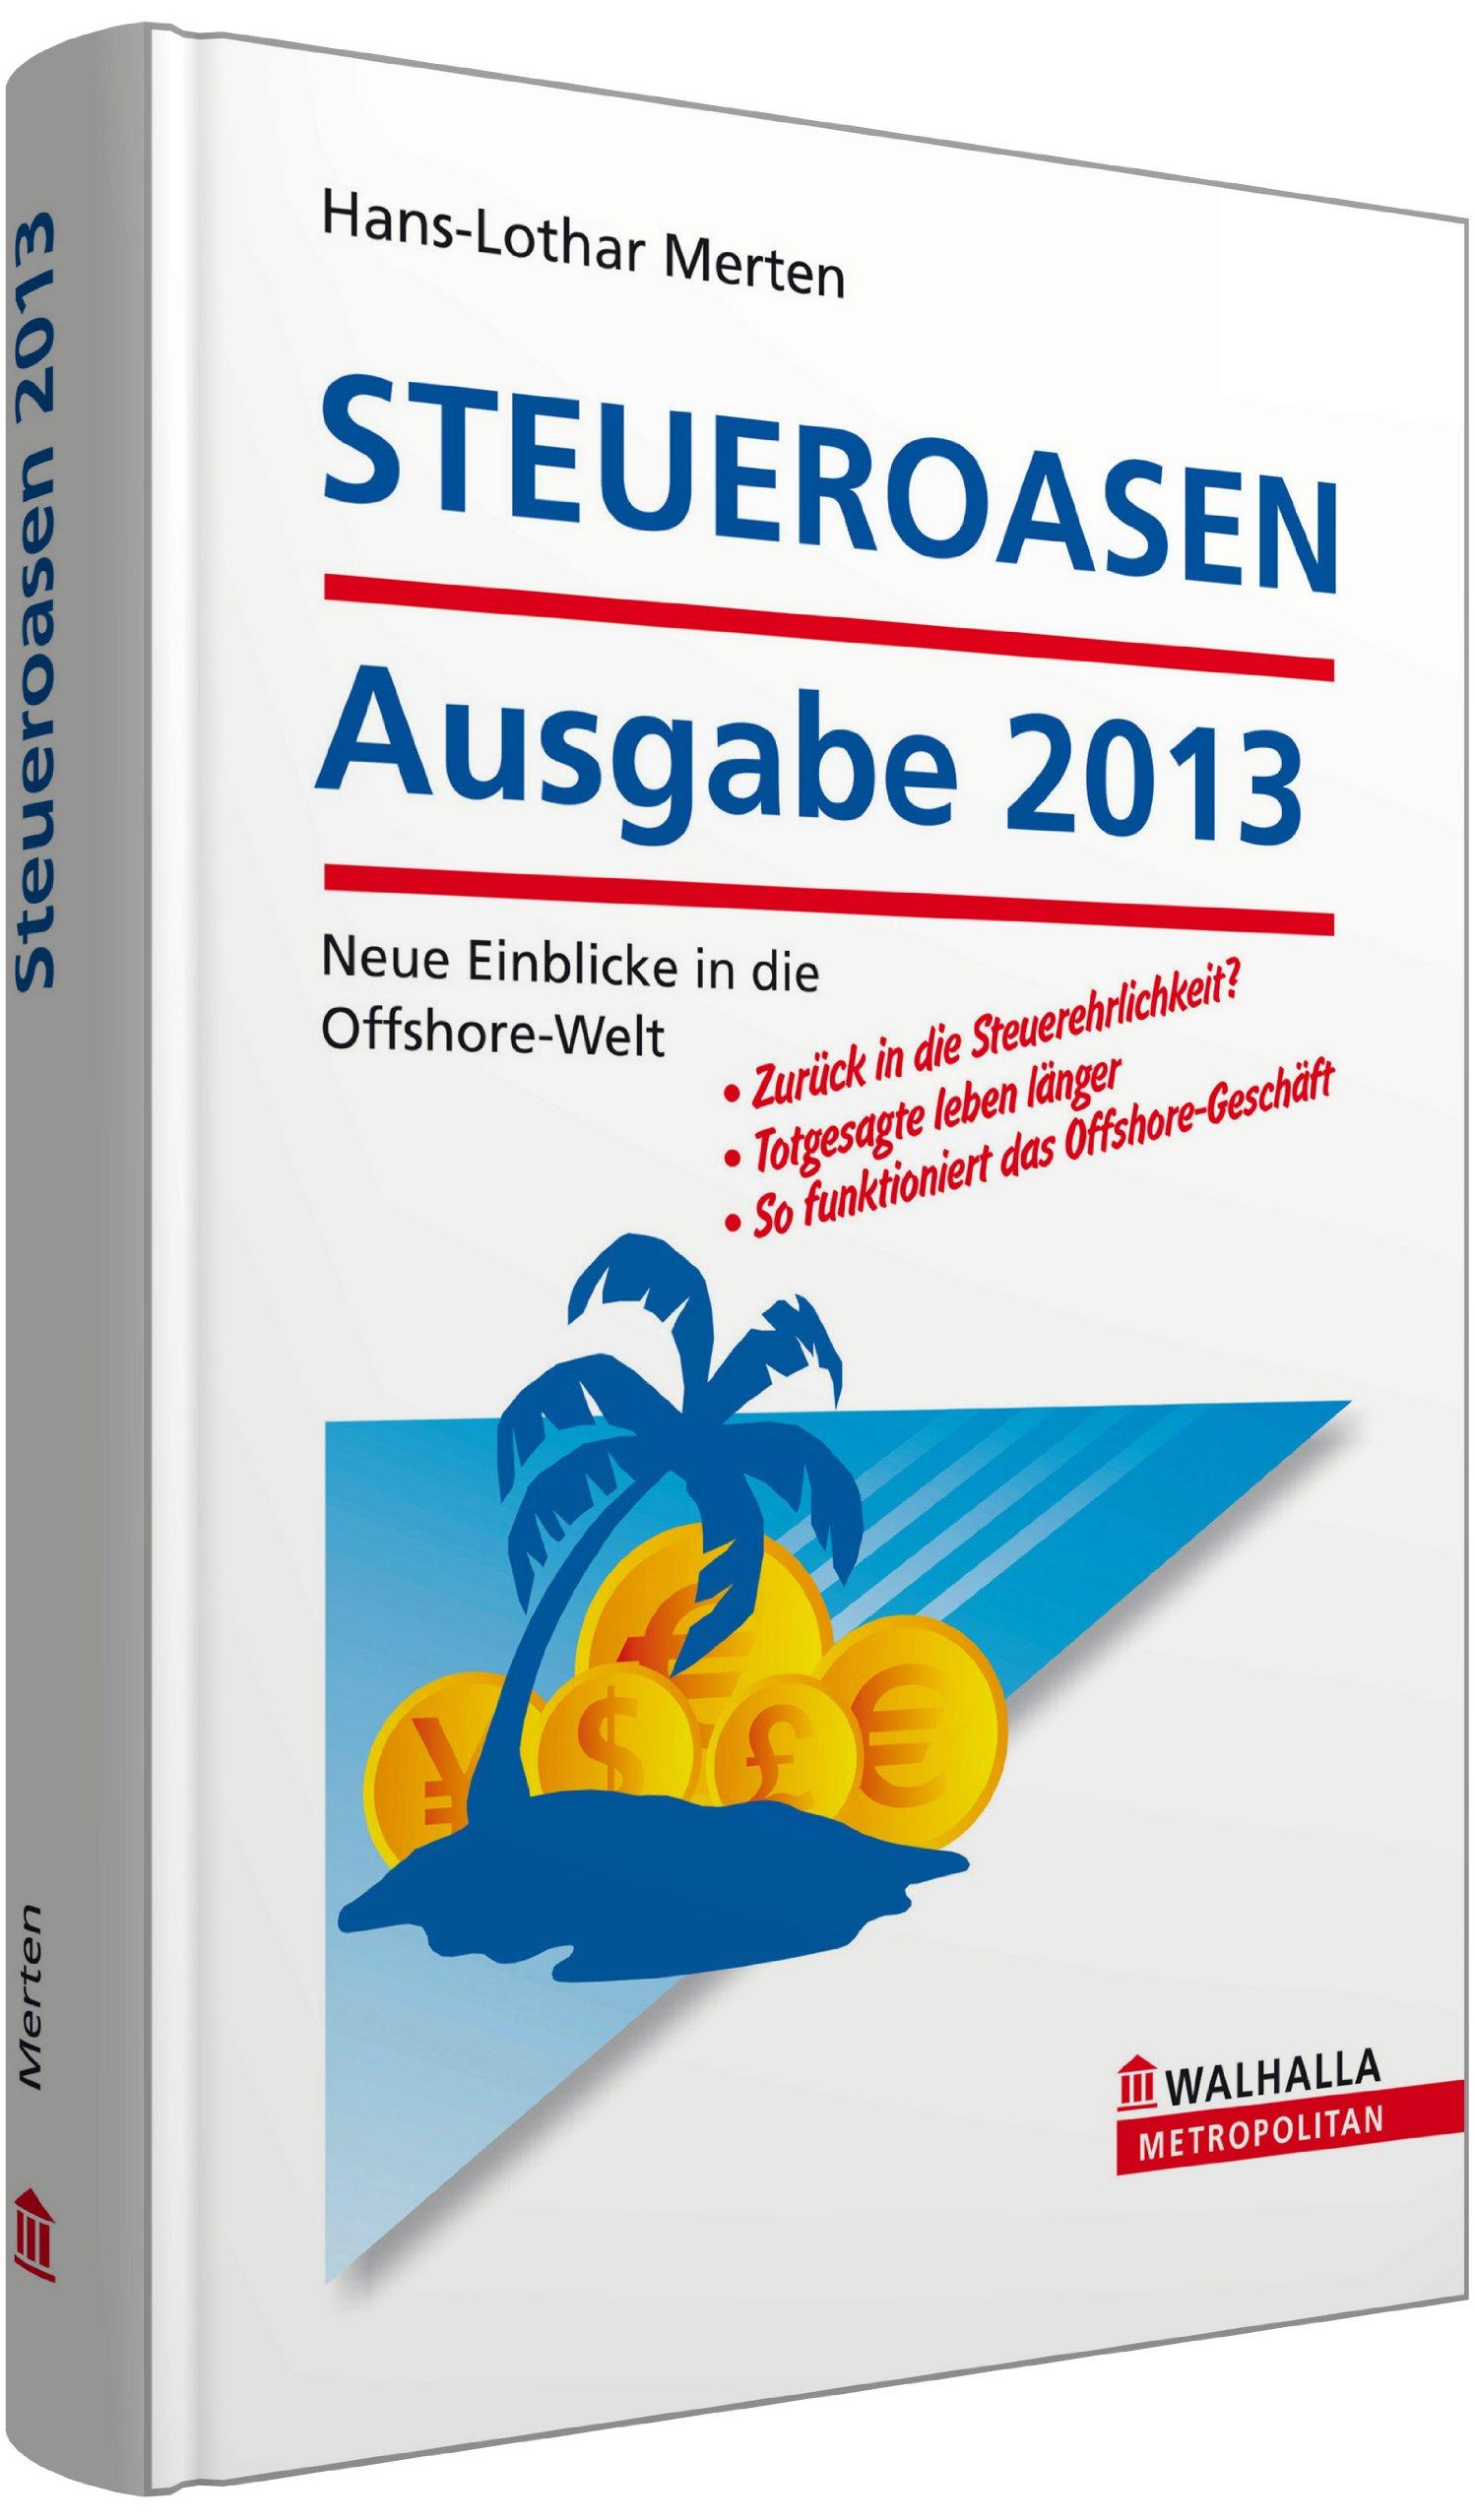 steueroasen-ausgabe-2013-mit-sonderteil-stiftungen-und-trusts-im-ausland-zur-unternehmens-und-vermgenssicherung